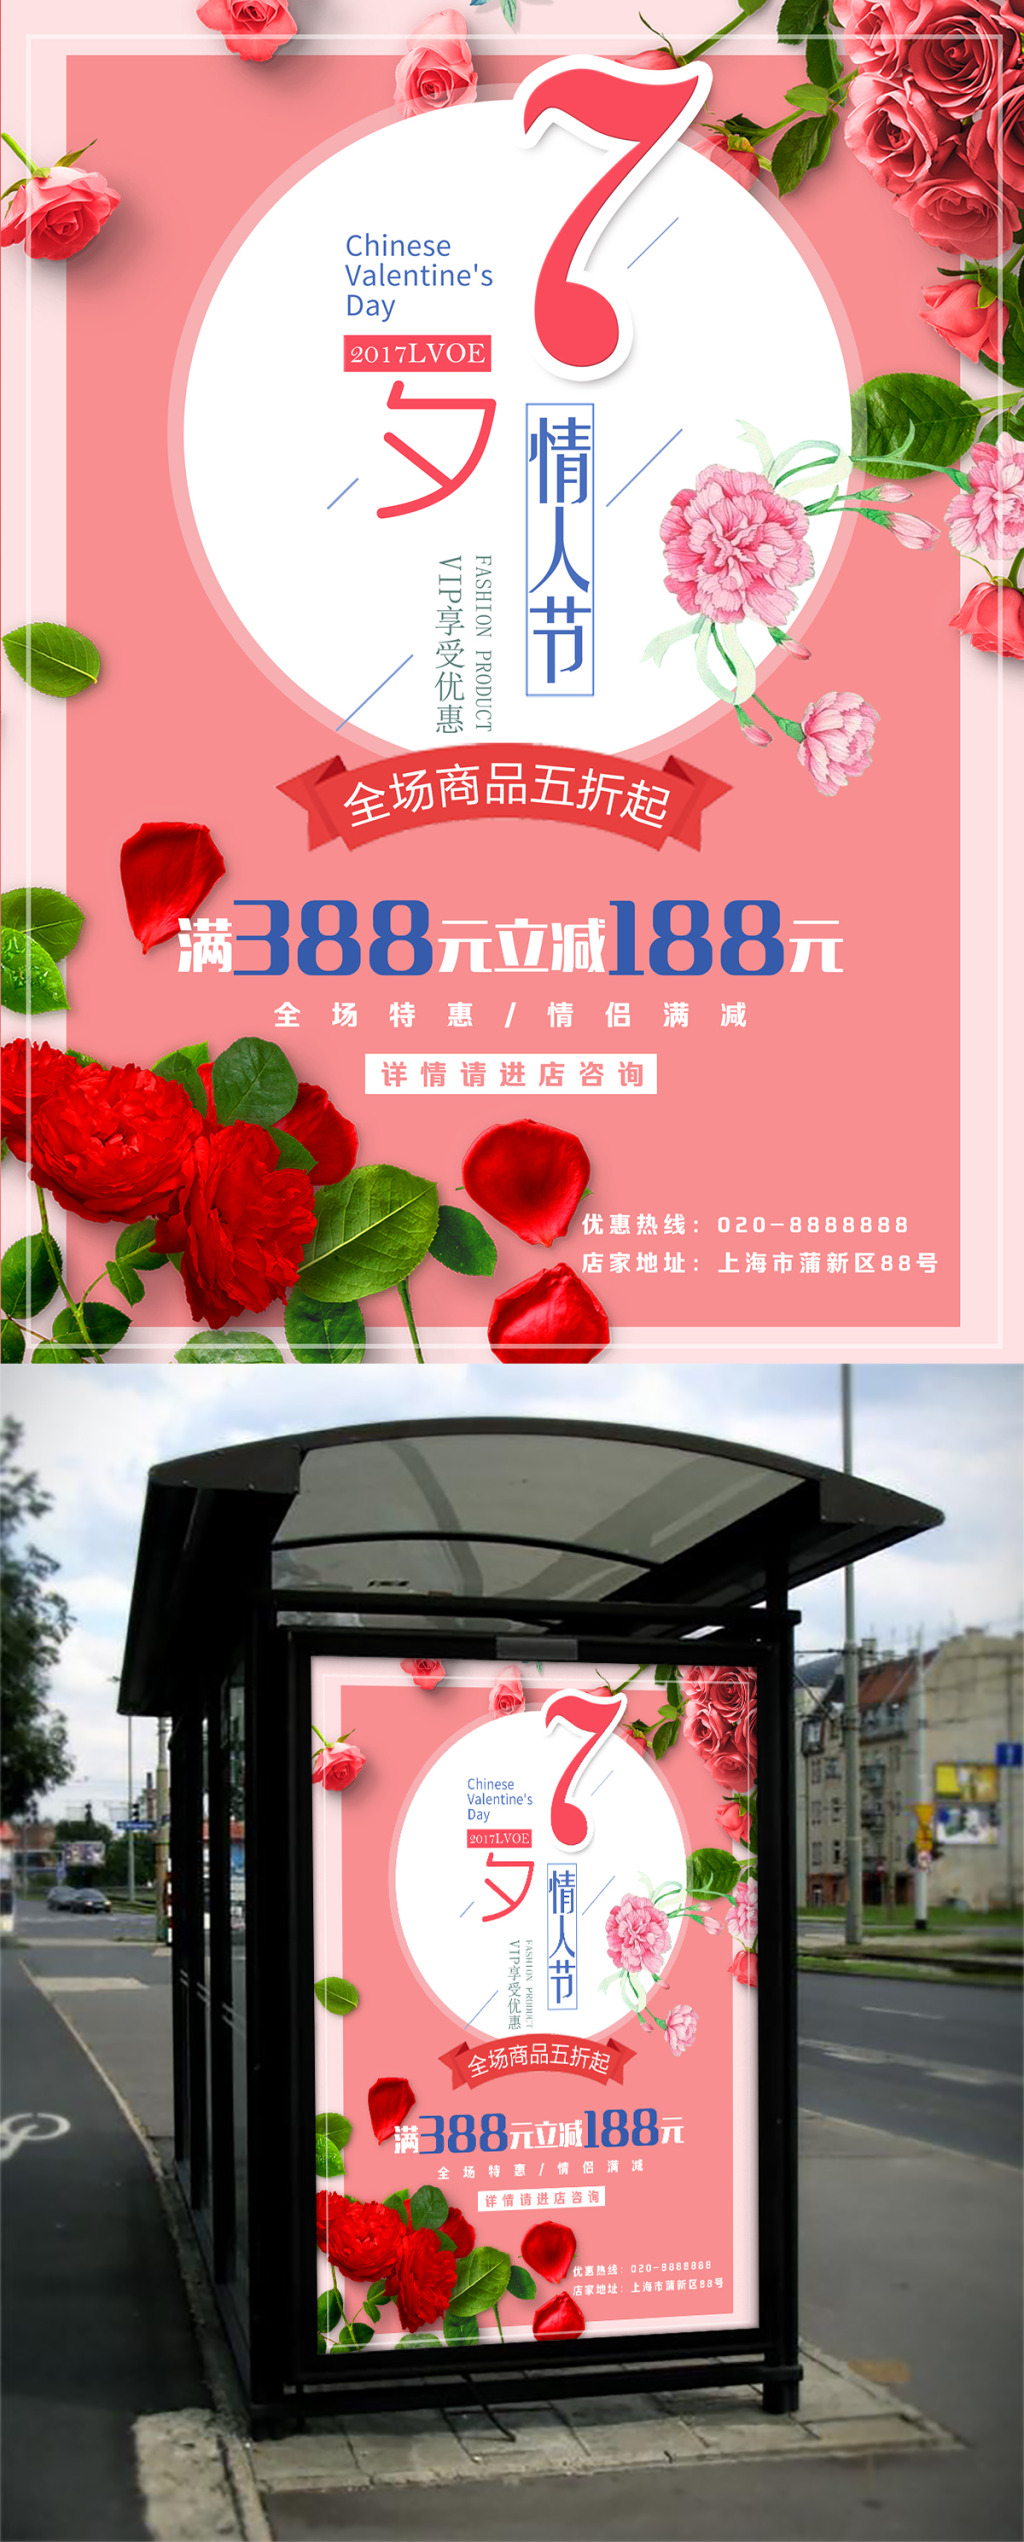 玫瑰花情人节七夕促销海报设计欣赏